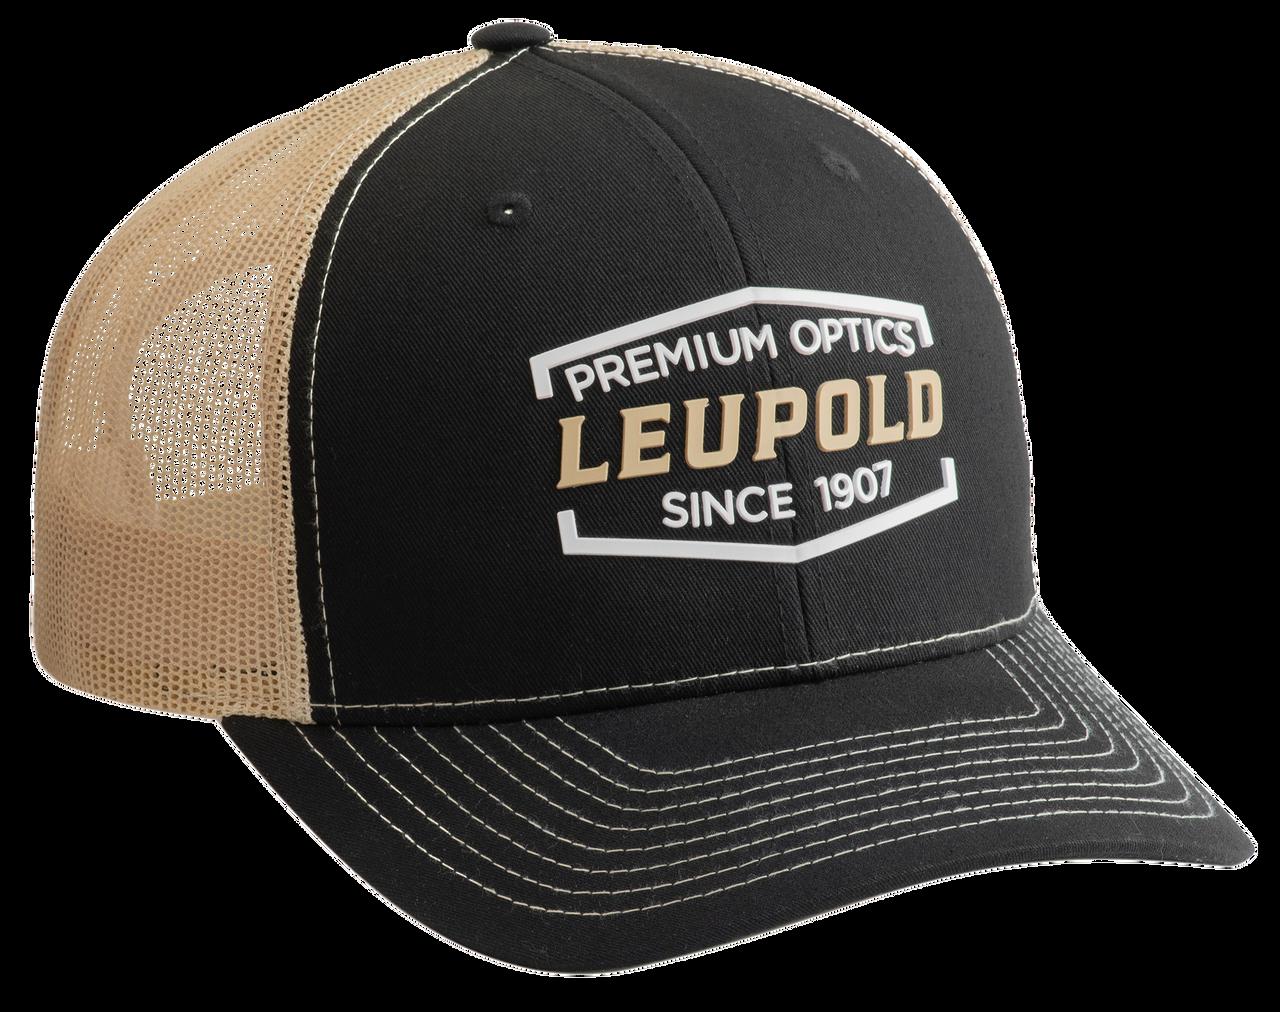 Leupold Premium Optics, Leu 179860 Premium Optics Trckr Hat Blk/vegas Gld